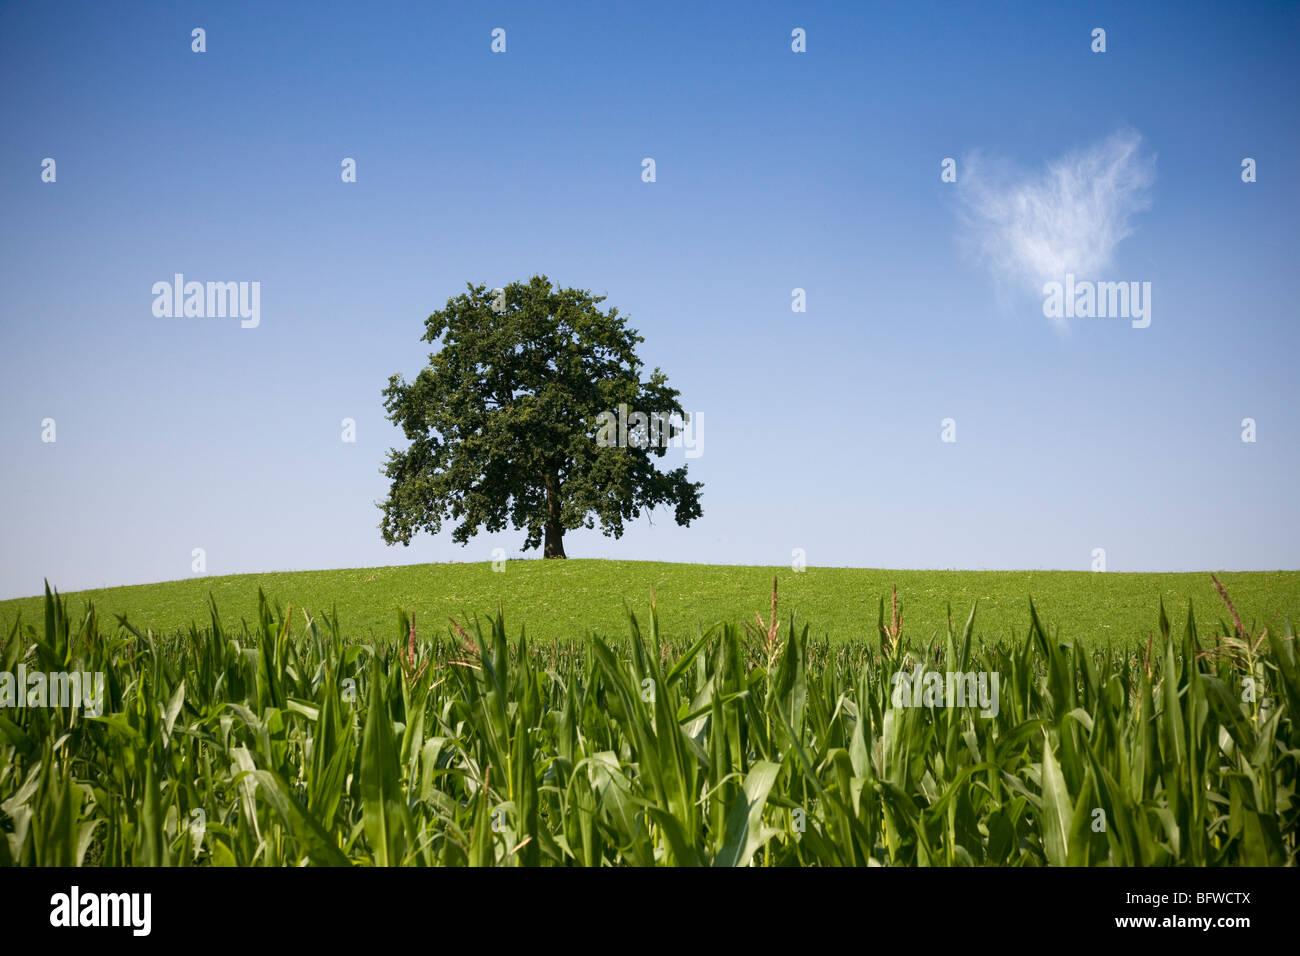 oak tree on hill in summer - Stock Image